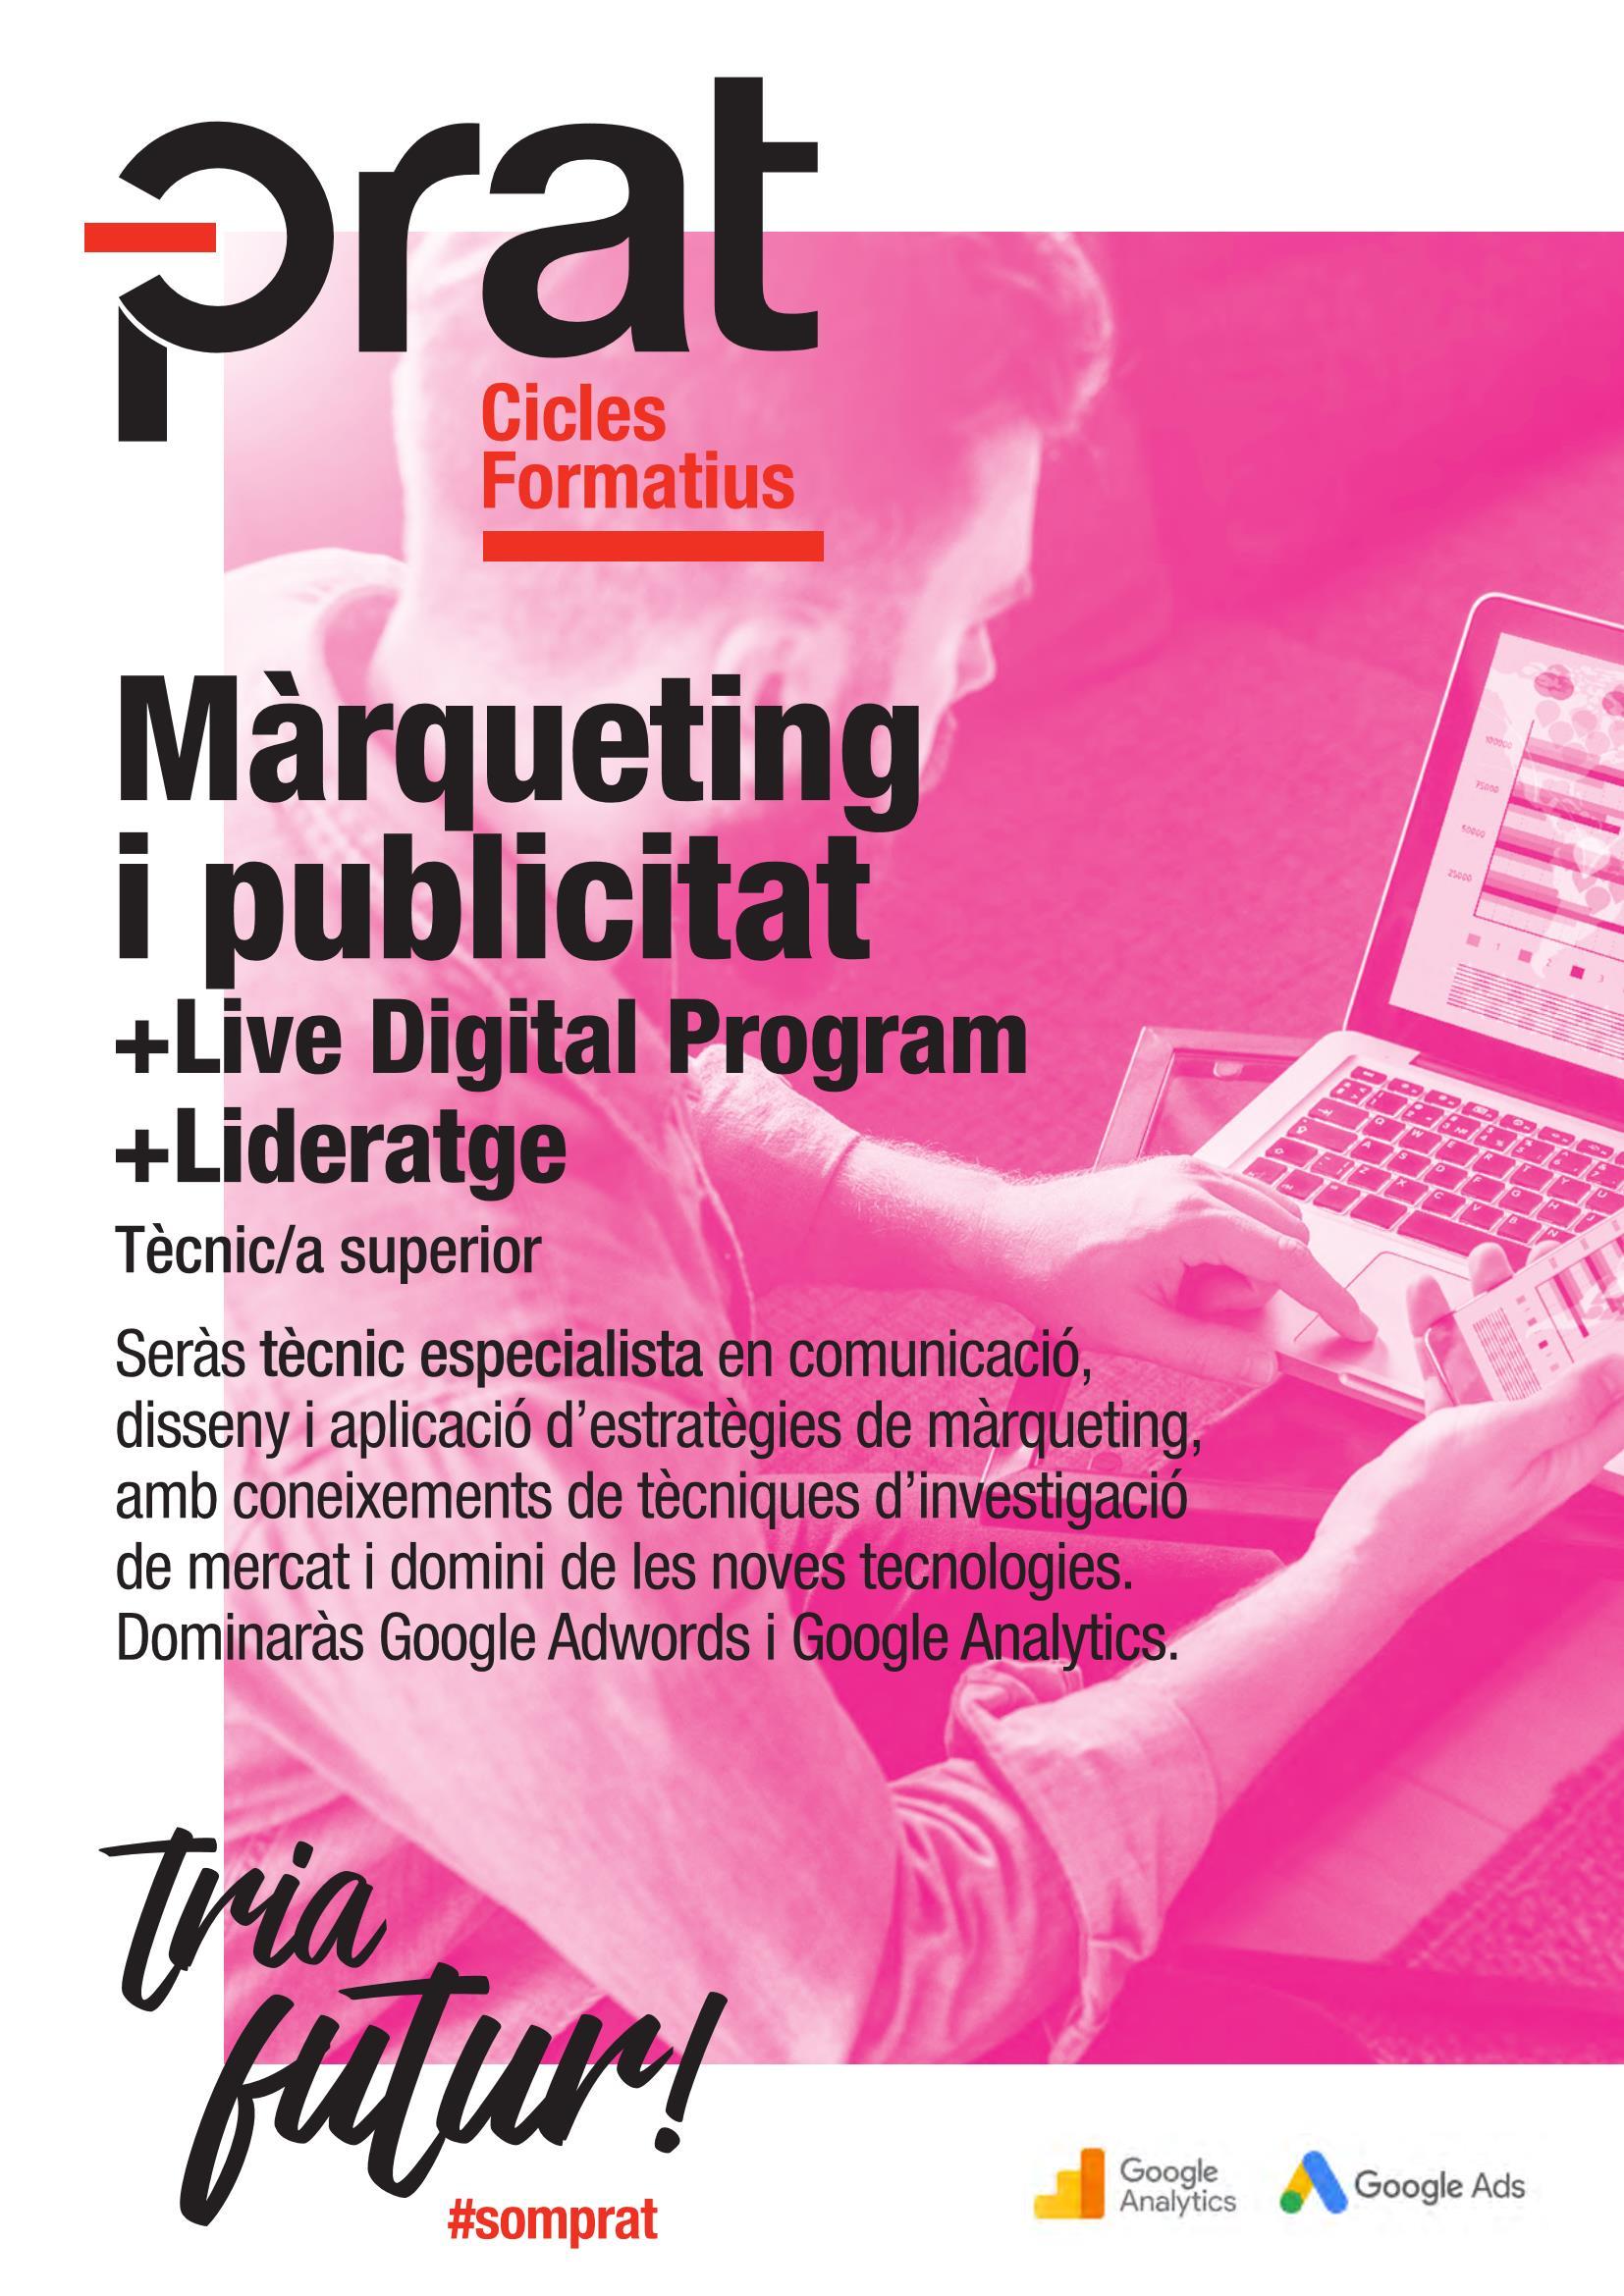 Marleting y Publicidad=